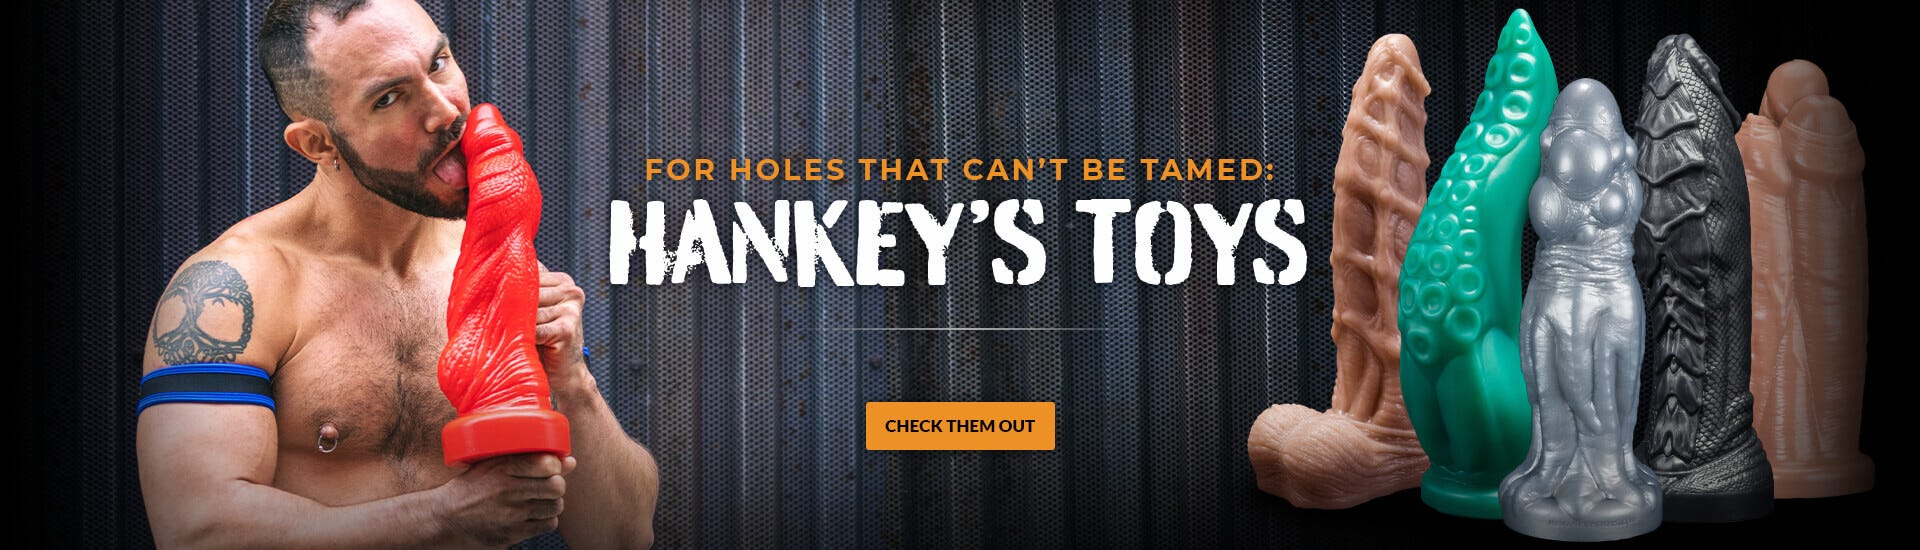 Hankey's Toys